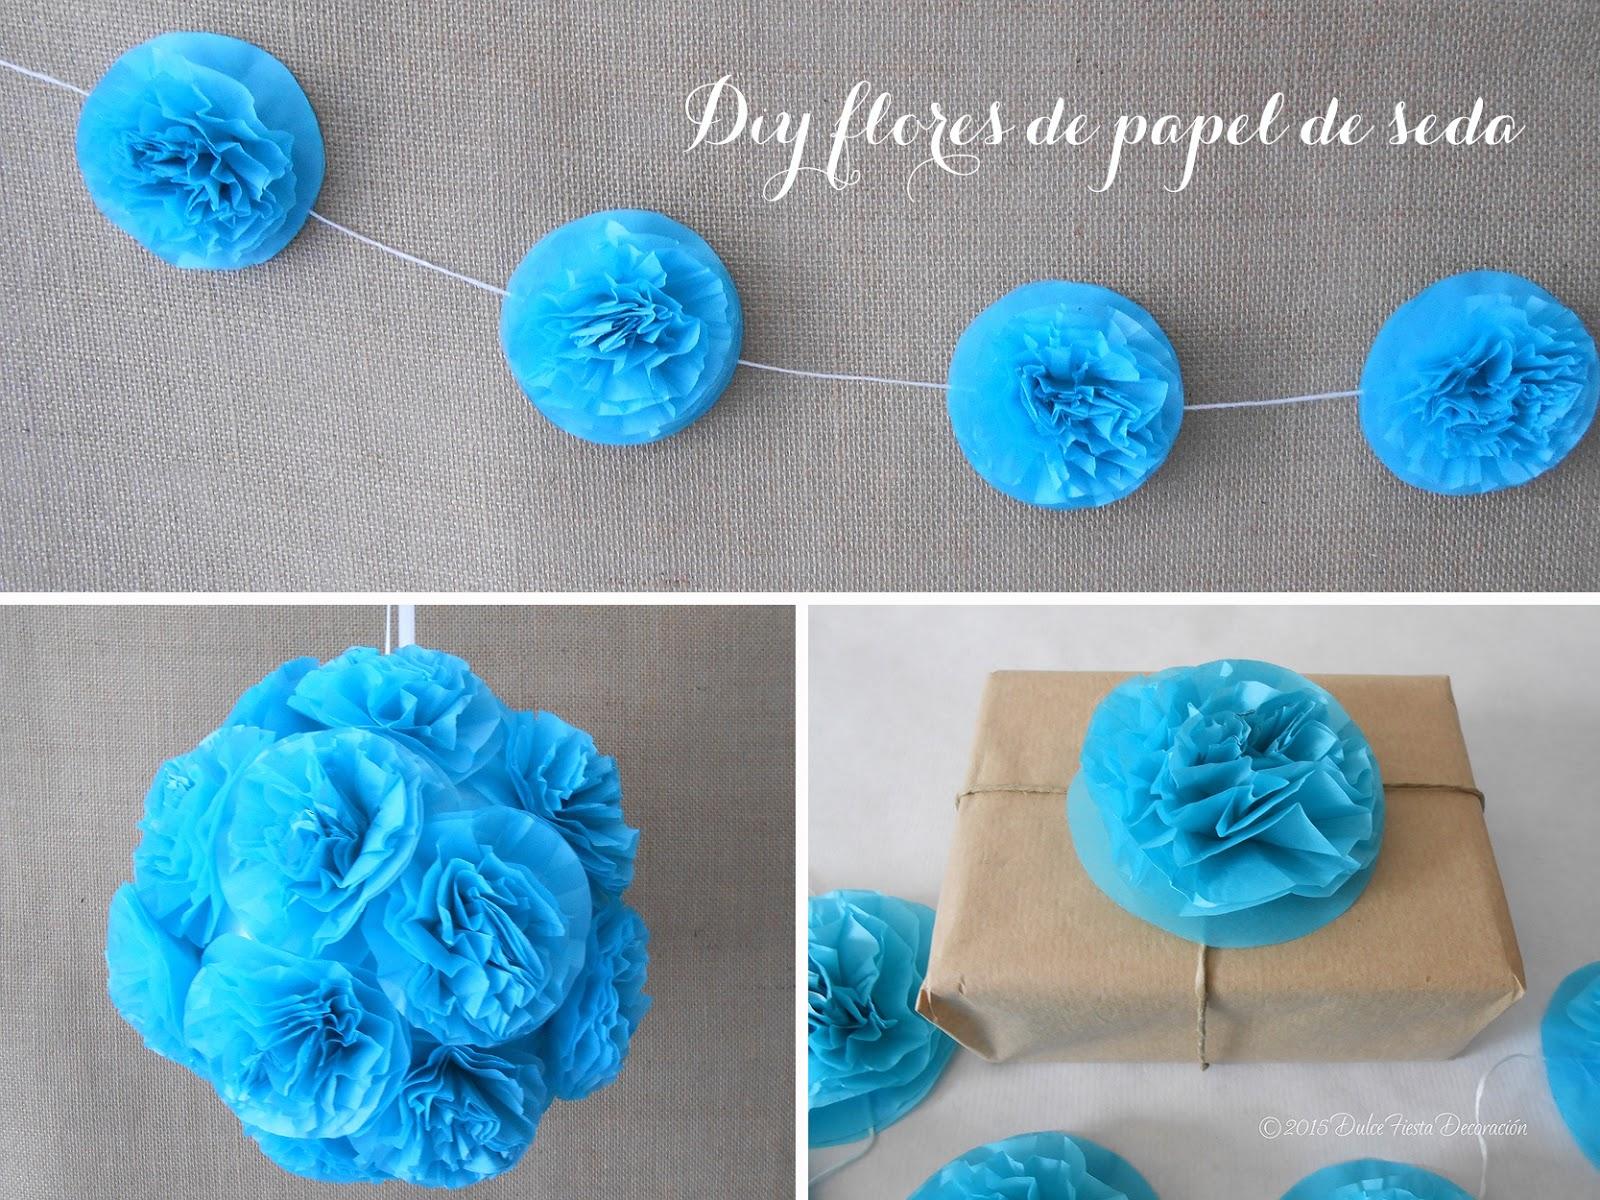 Diseno Y Decoracion Personalizada Para Eventos Diy Flores De Papel - Como-hacer-guirnaldas-de-papel-de-seda